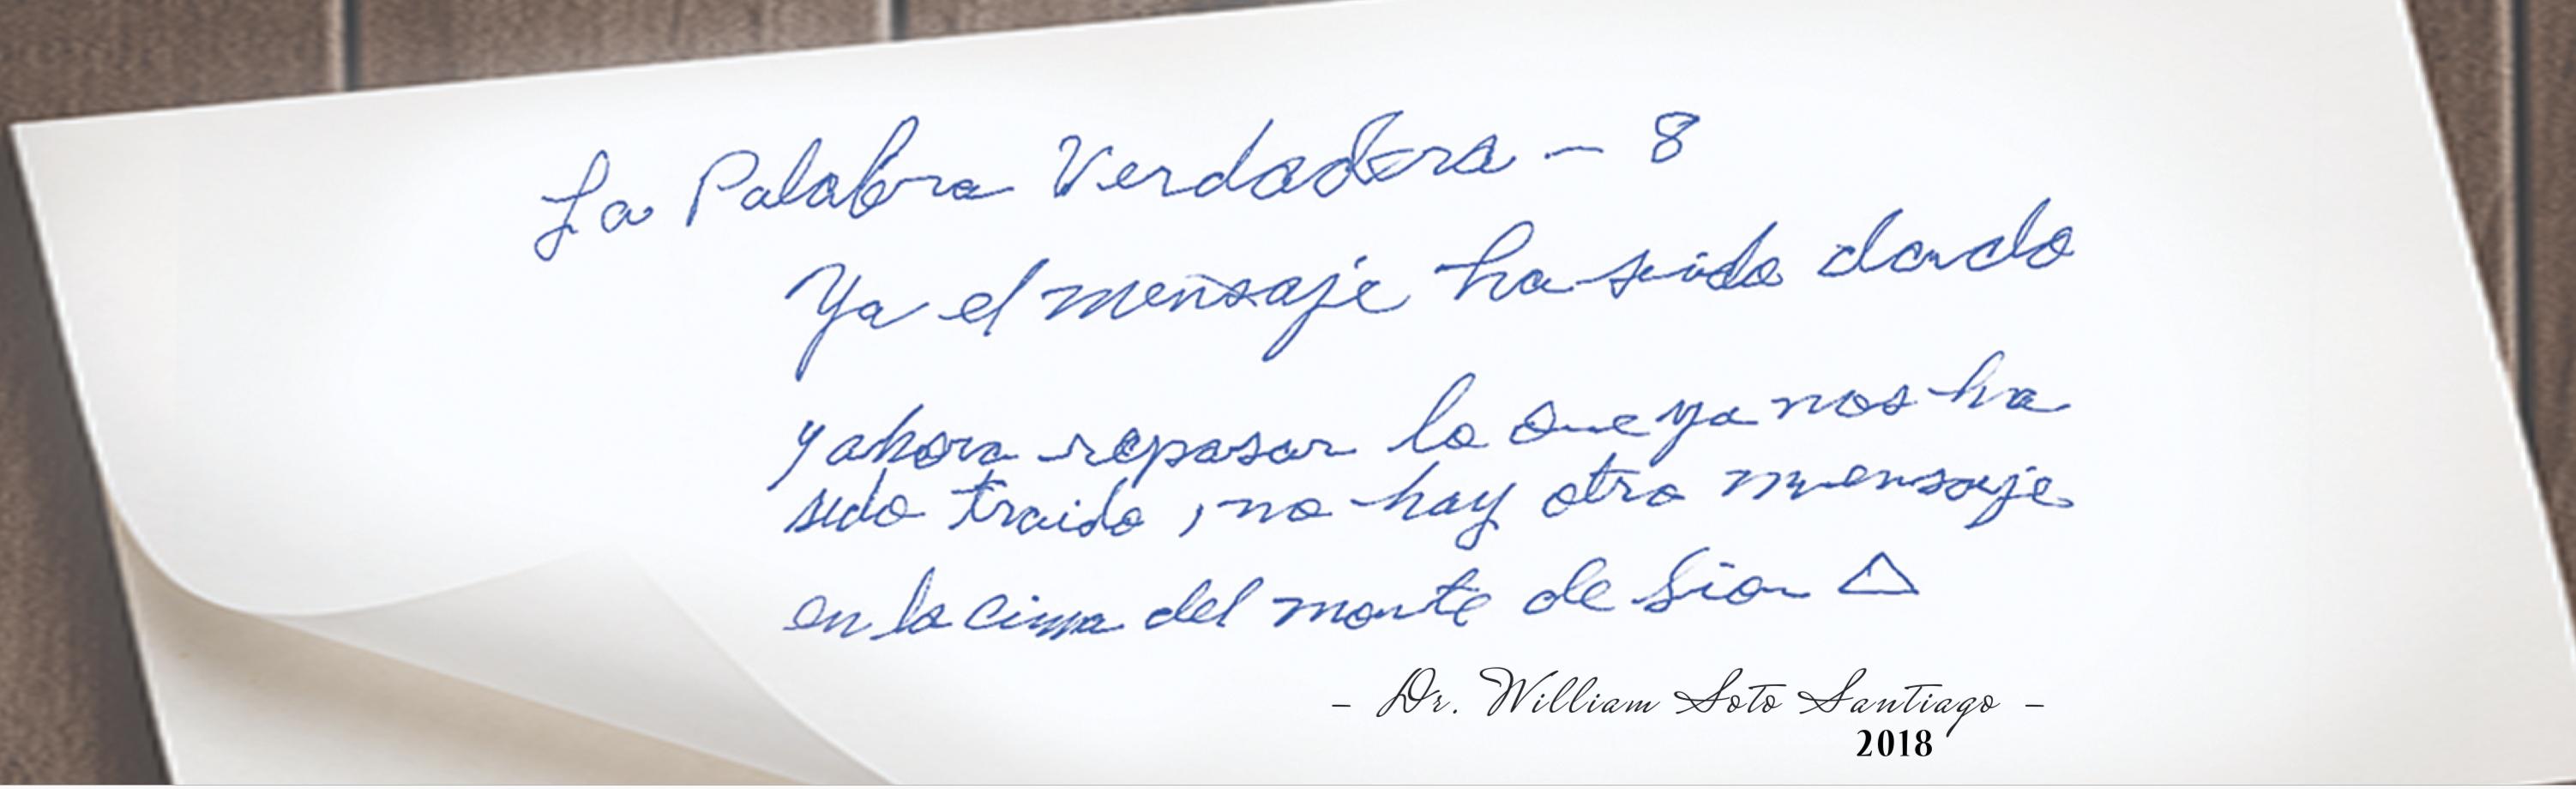 El último mensaje para este tiempo ya fue dado, ahora es tiempo de repasar. Dr. William Soto Santiago